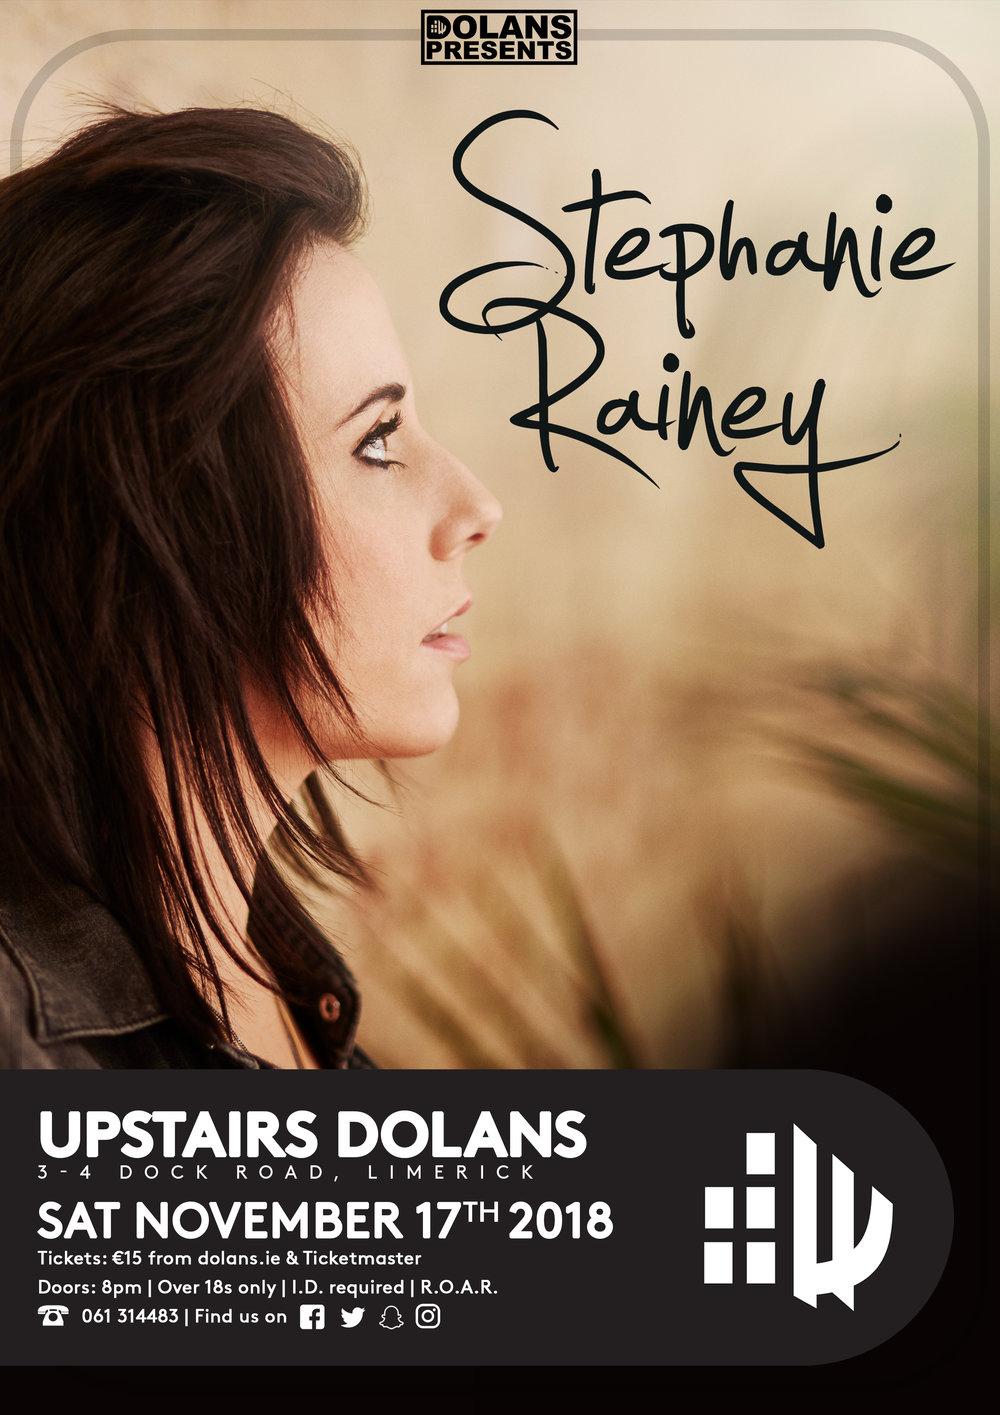 Tickets €15